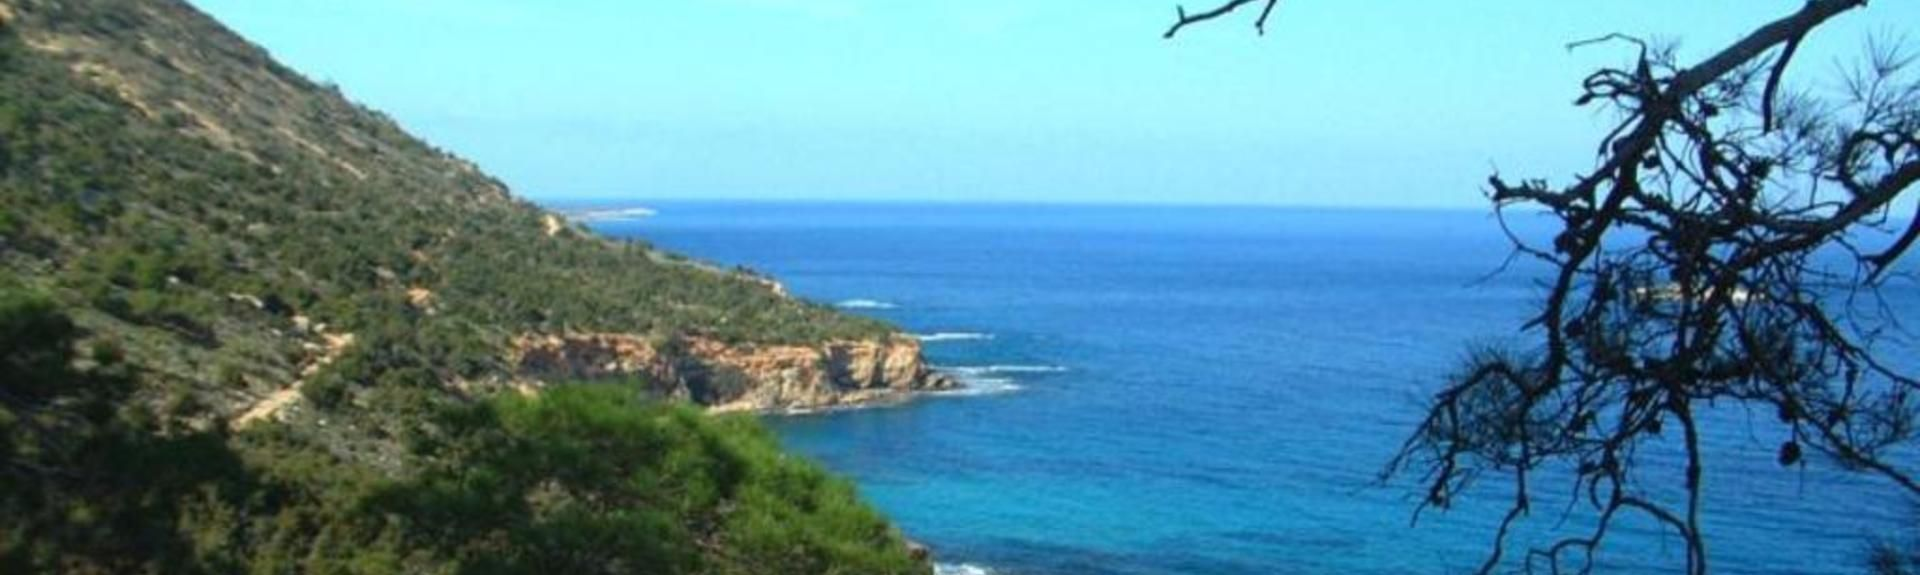 Λιοπέτρι, Αμμόχωστος, Κύπρος